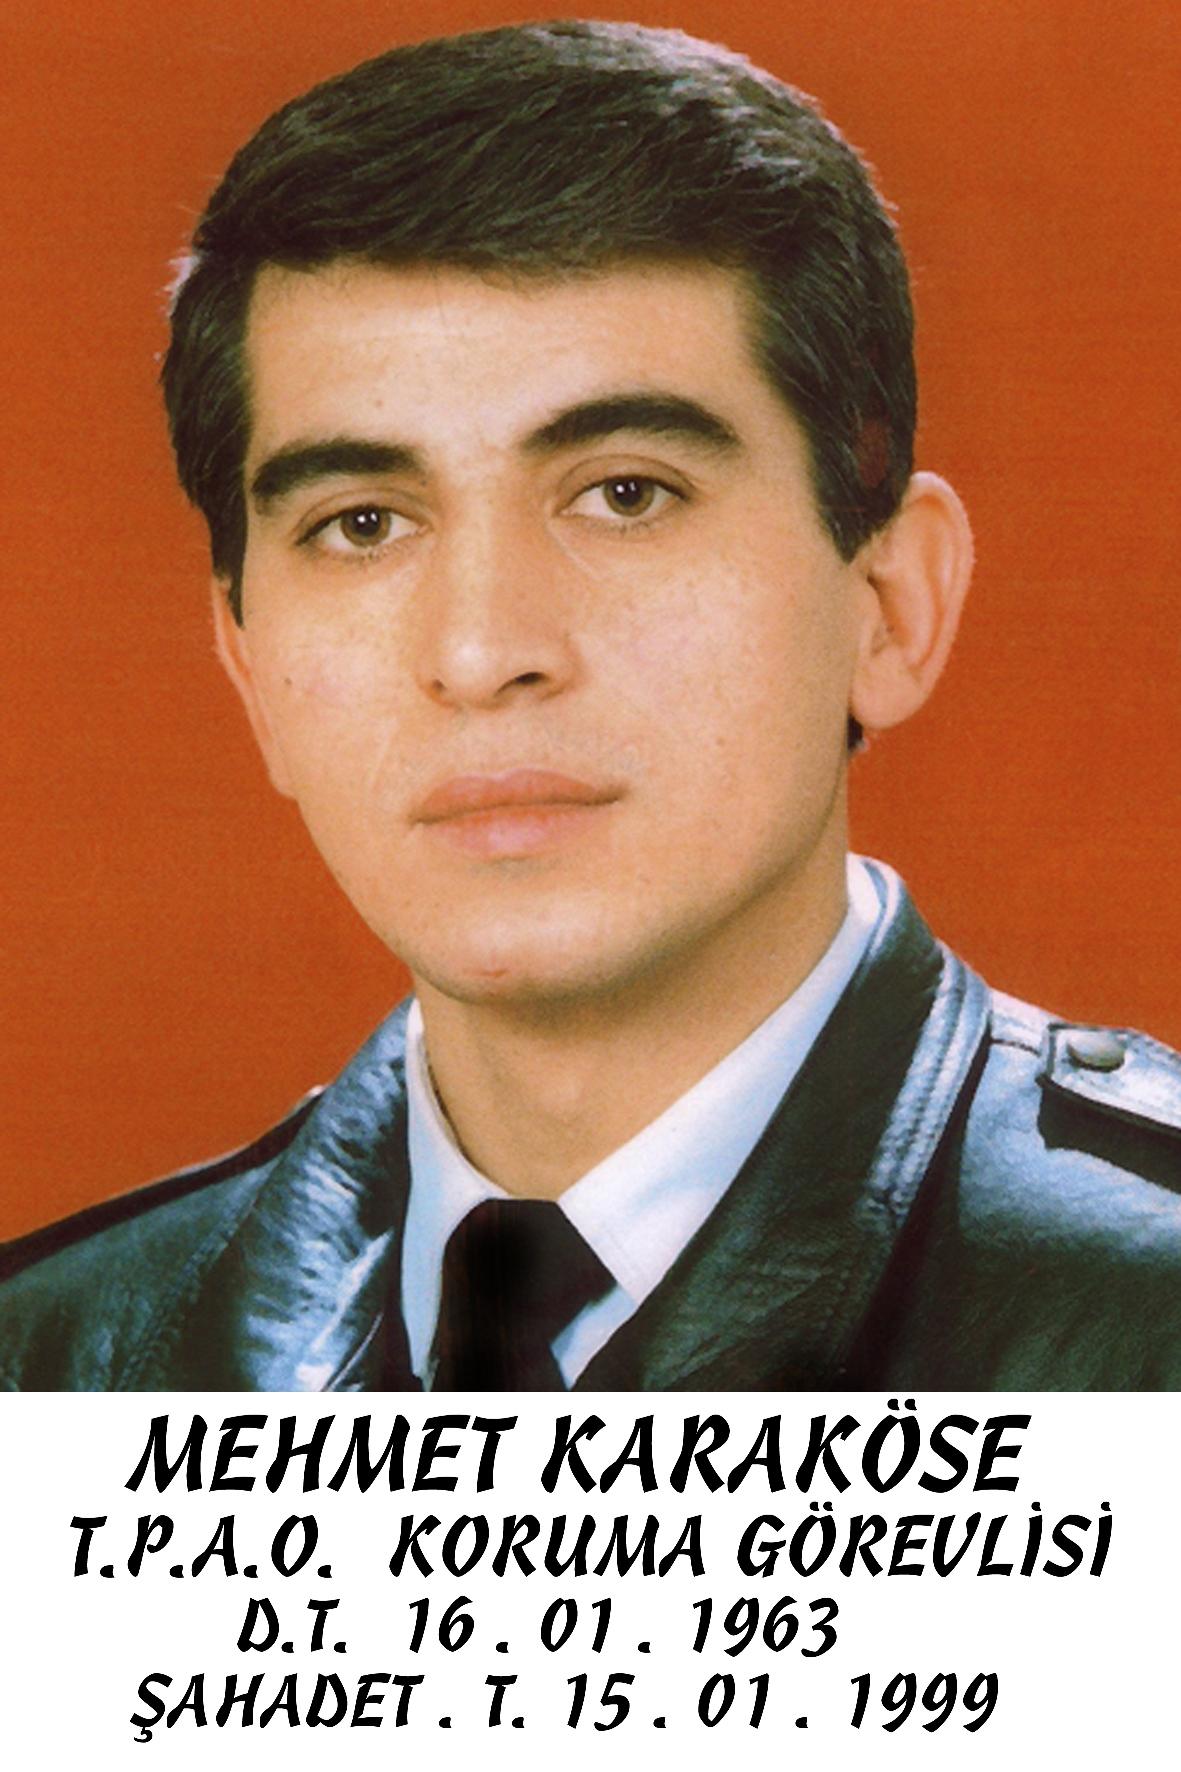 MEHMET KARAKÖSE